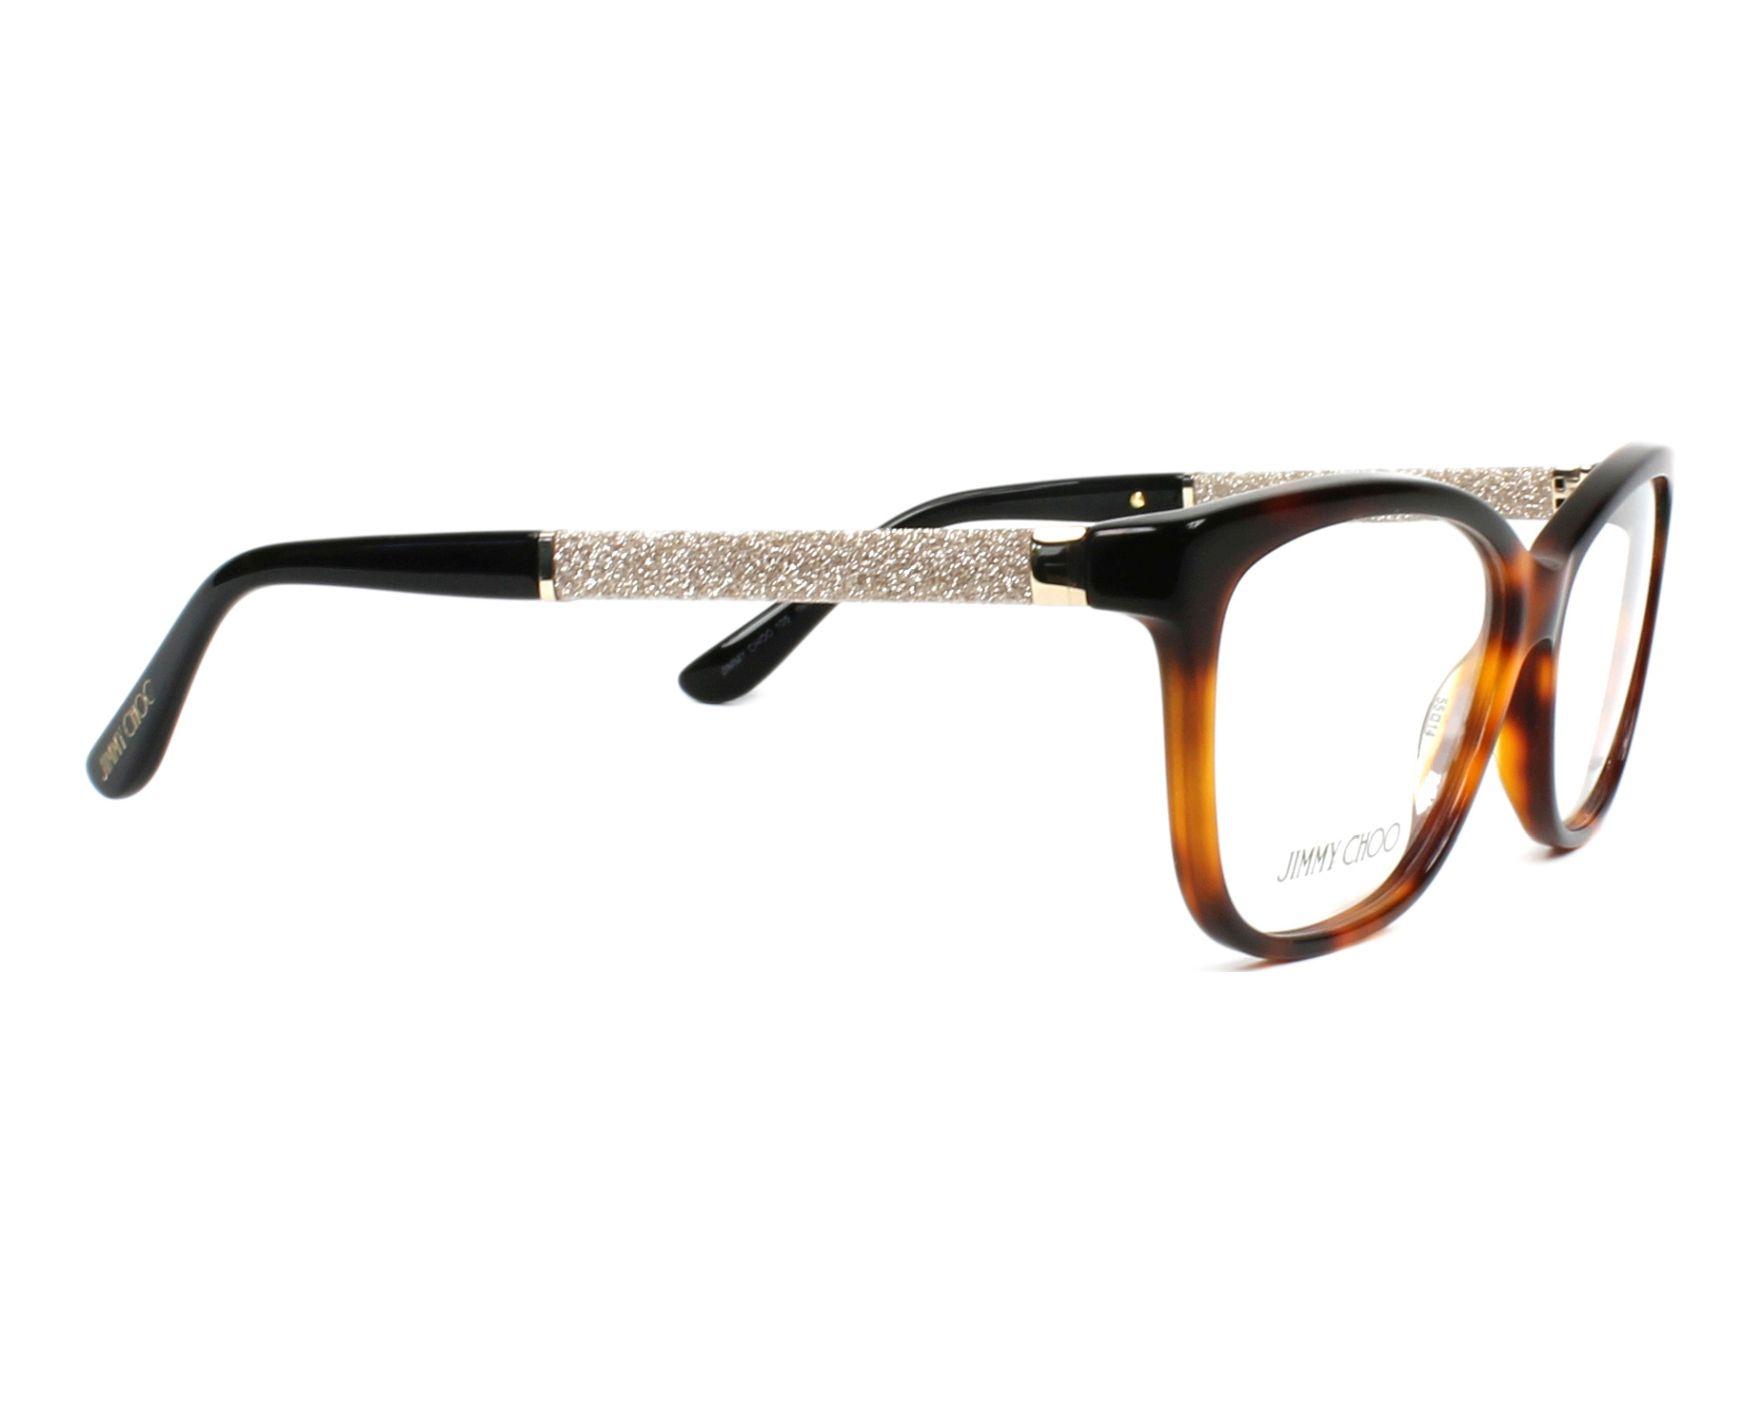 d801a0fe7ea eyeglasses Jimmy Choo JC-105 INN - Havana Silver side view